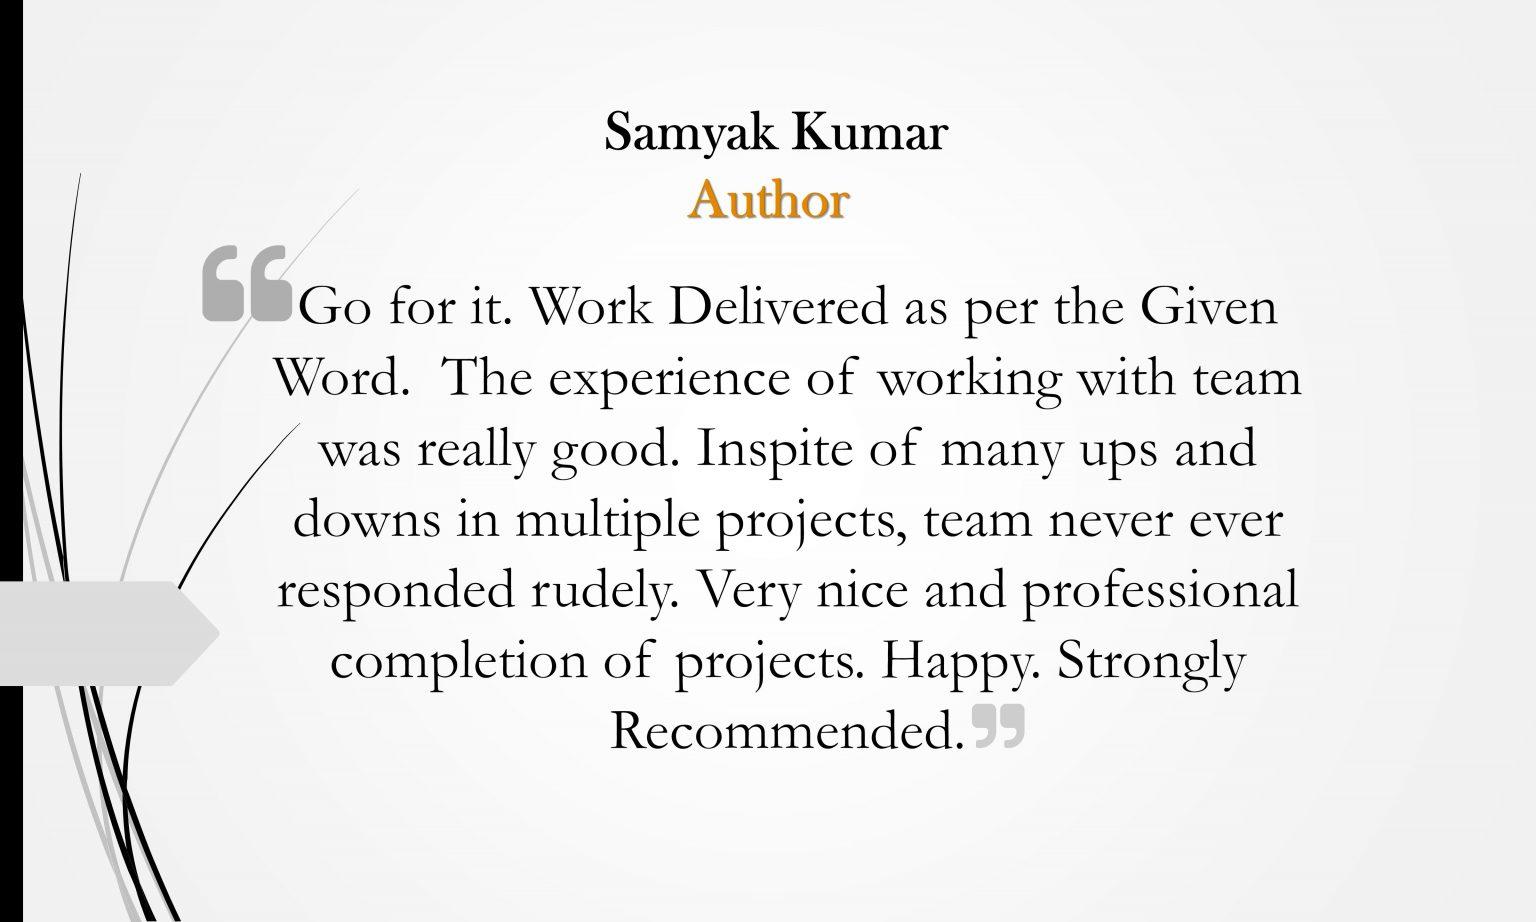 Samyak Kumar